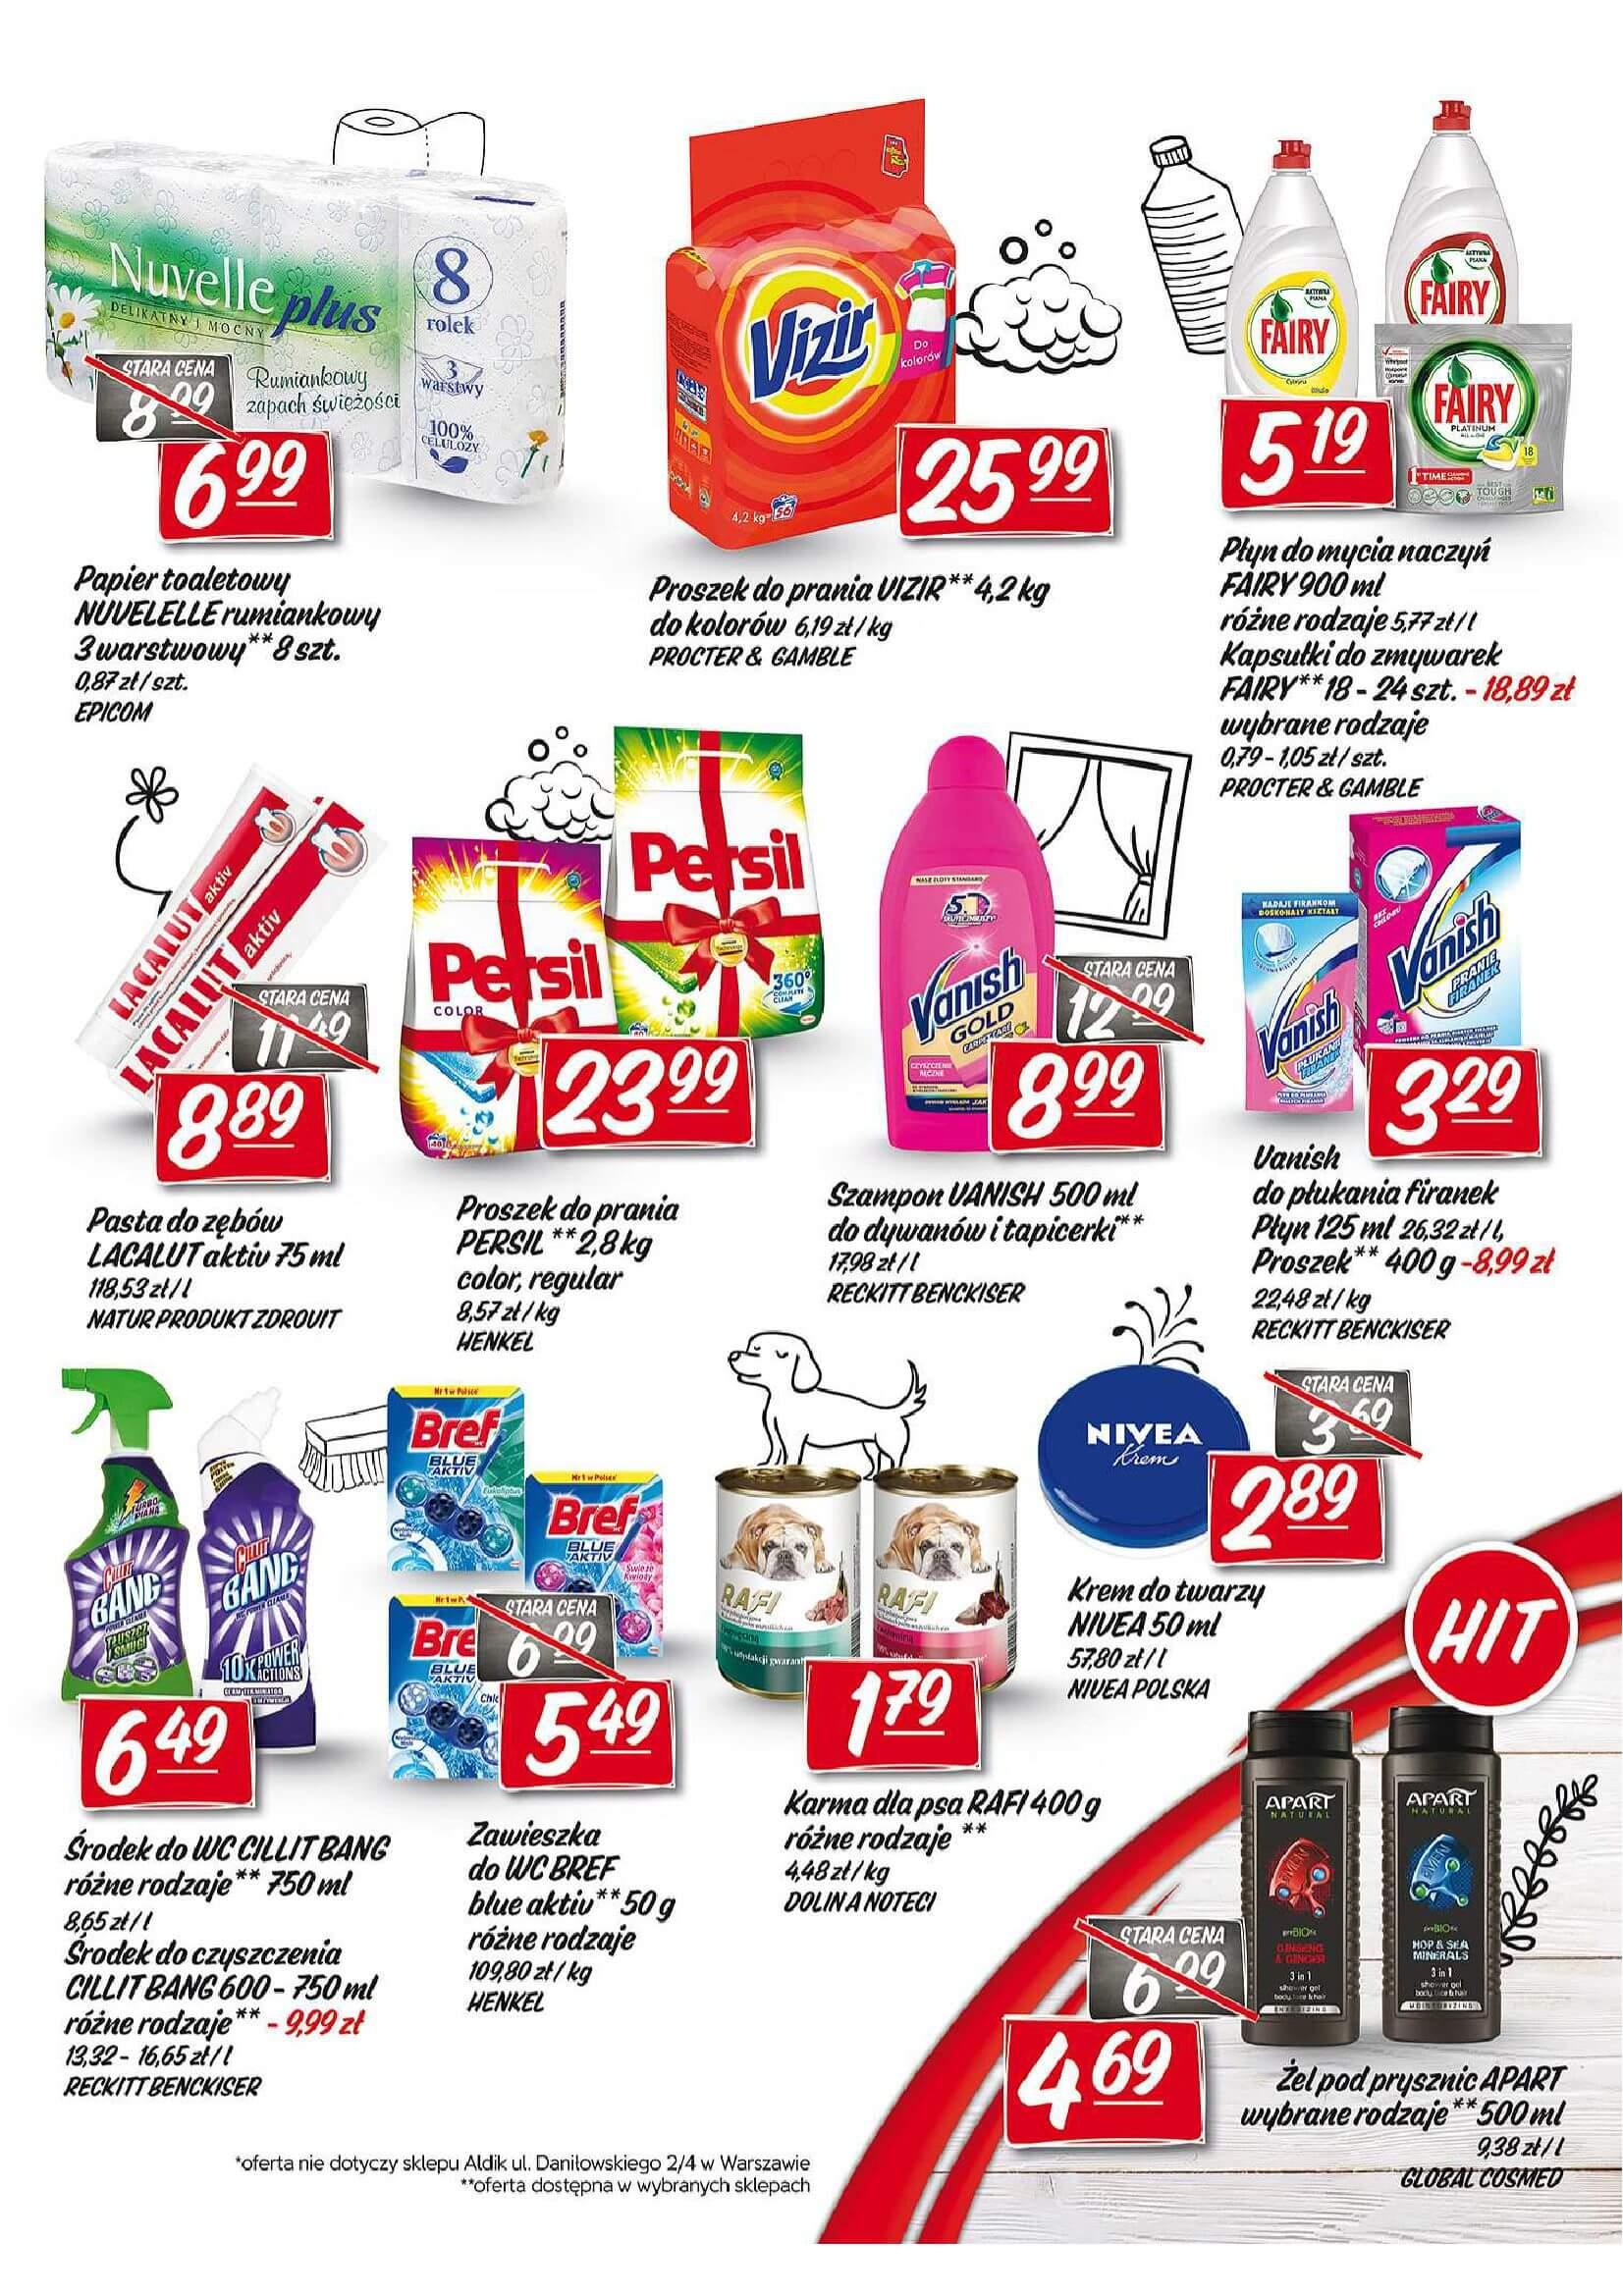 Gazetka Aldik - Oferta na artykuły spożywcze-06.12.2017-13.12.2017-page-13